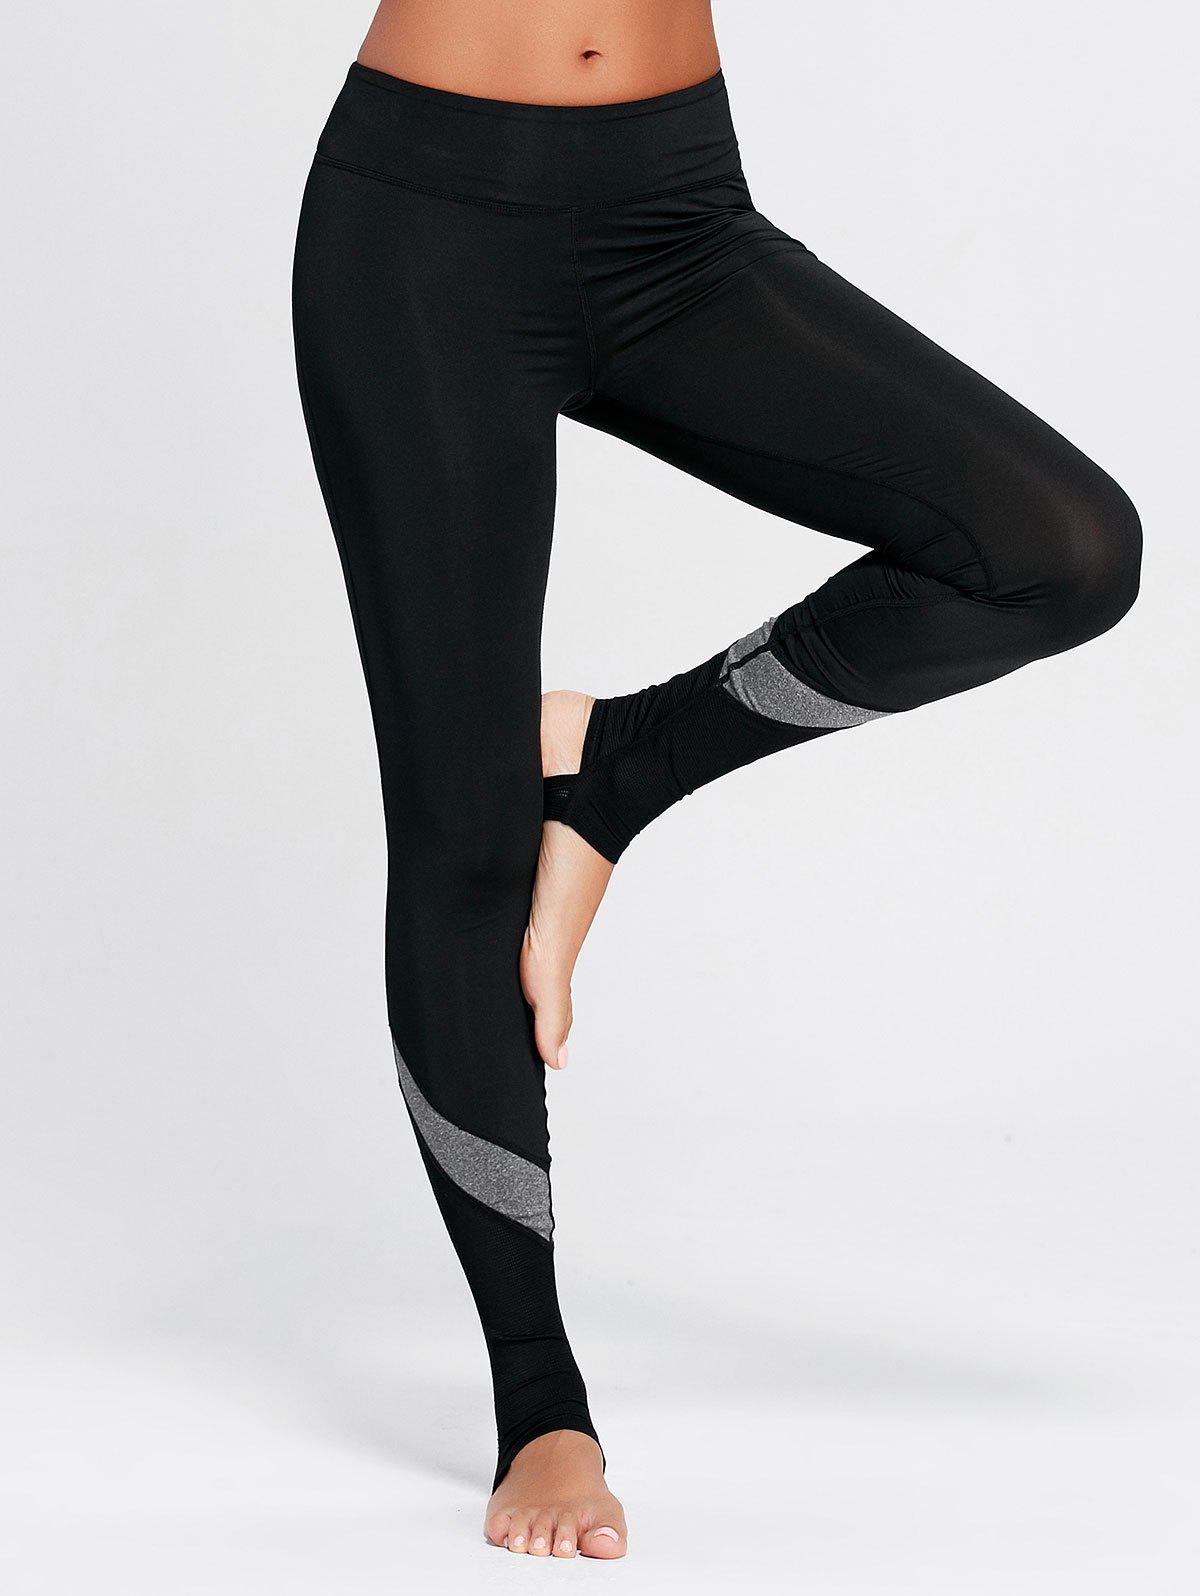 Mesh Panel Workout Stirrup Leggings 222188103